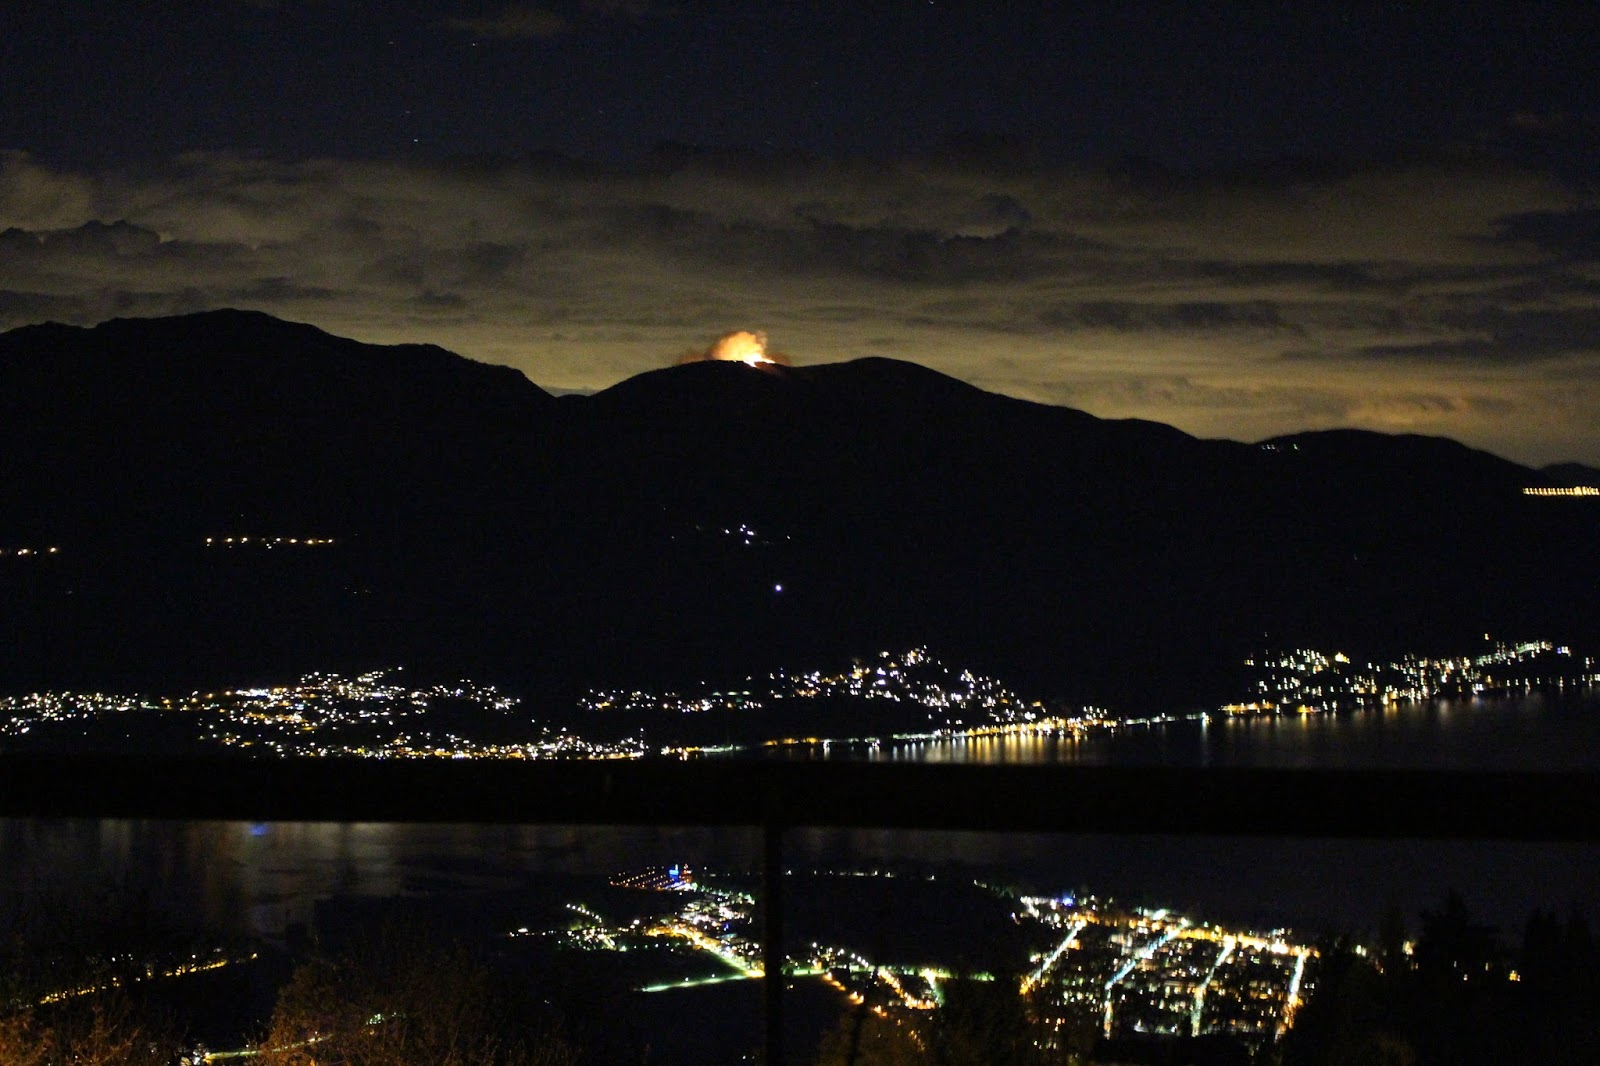 Waldbrand im Tessin, Lago Maggiore